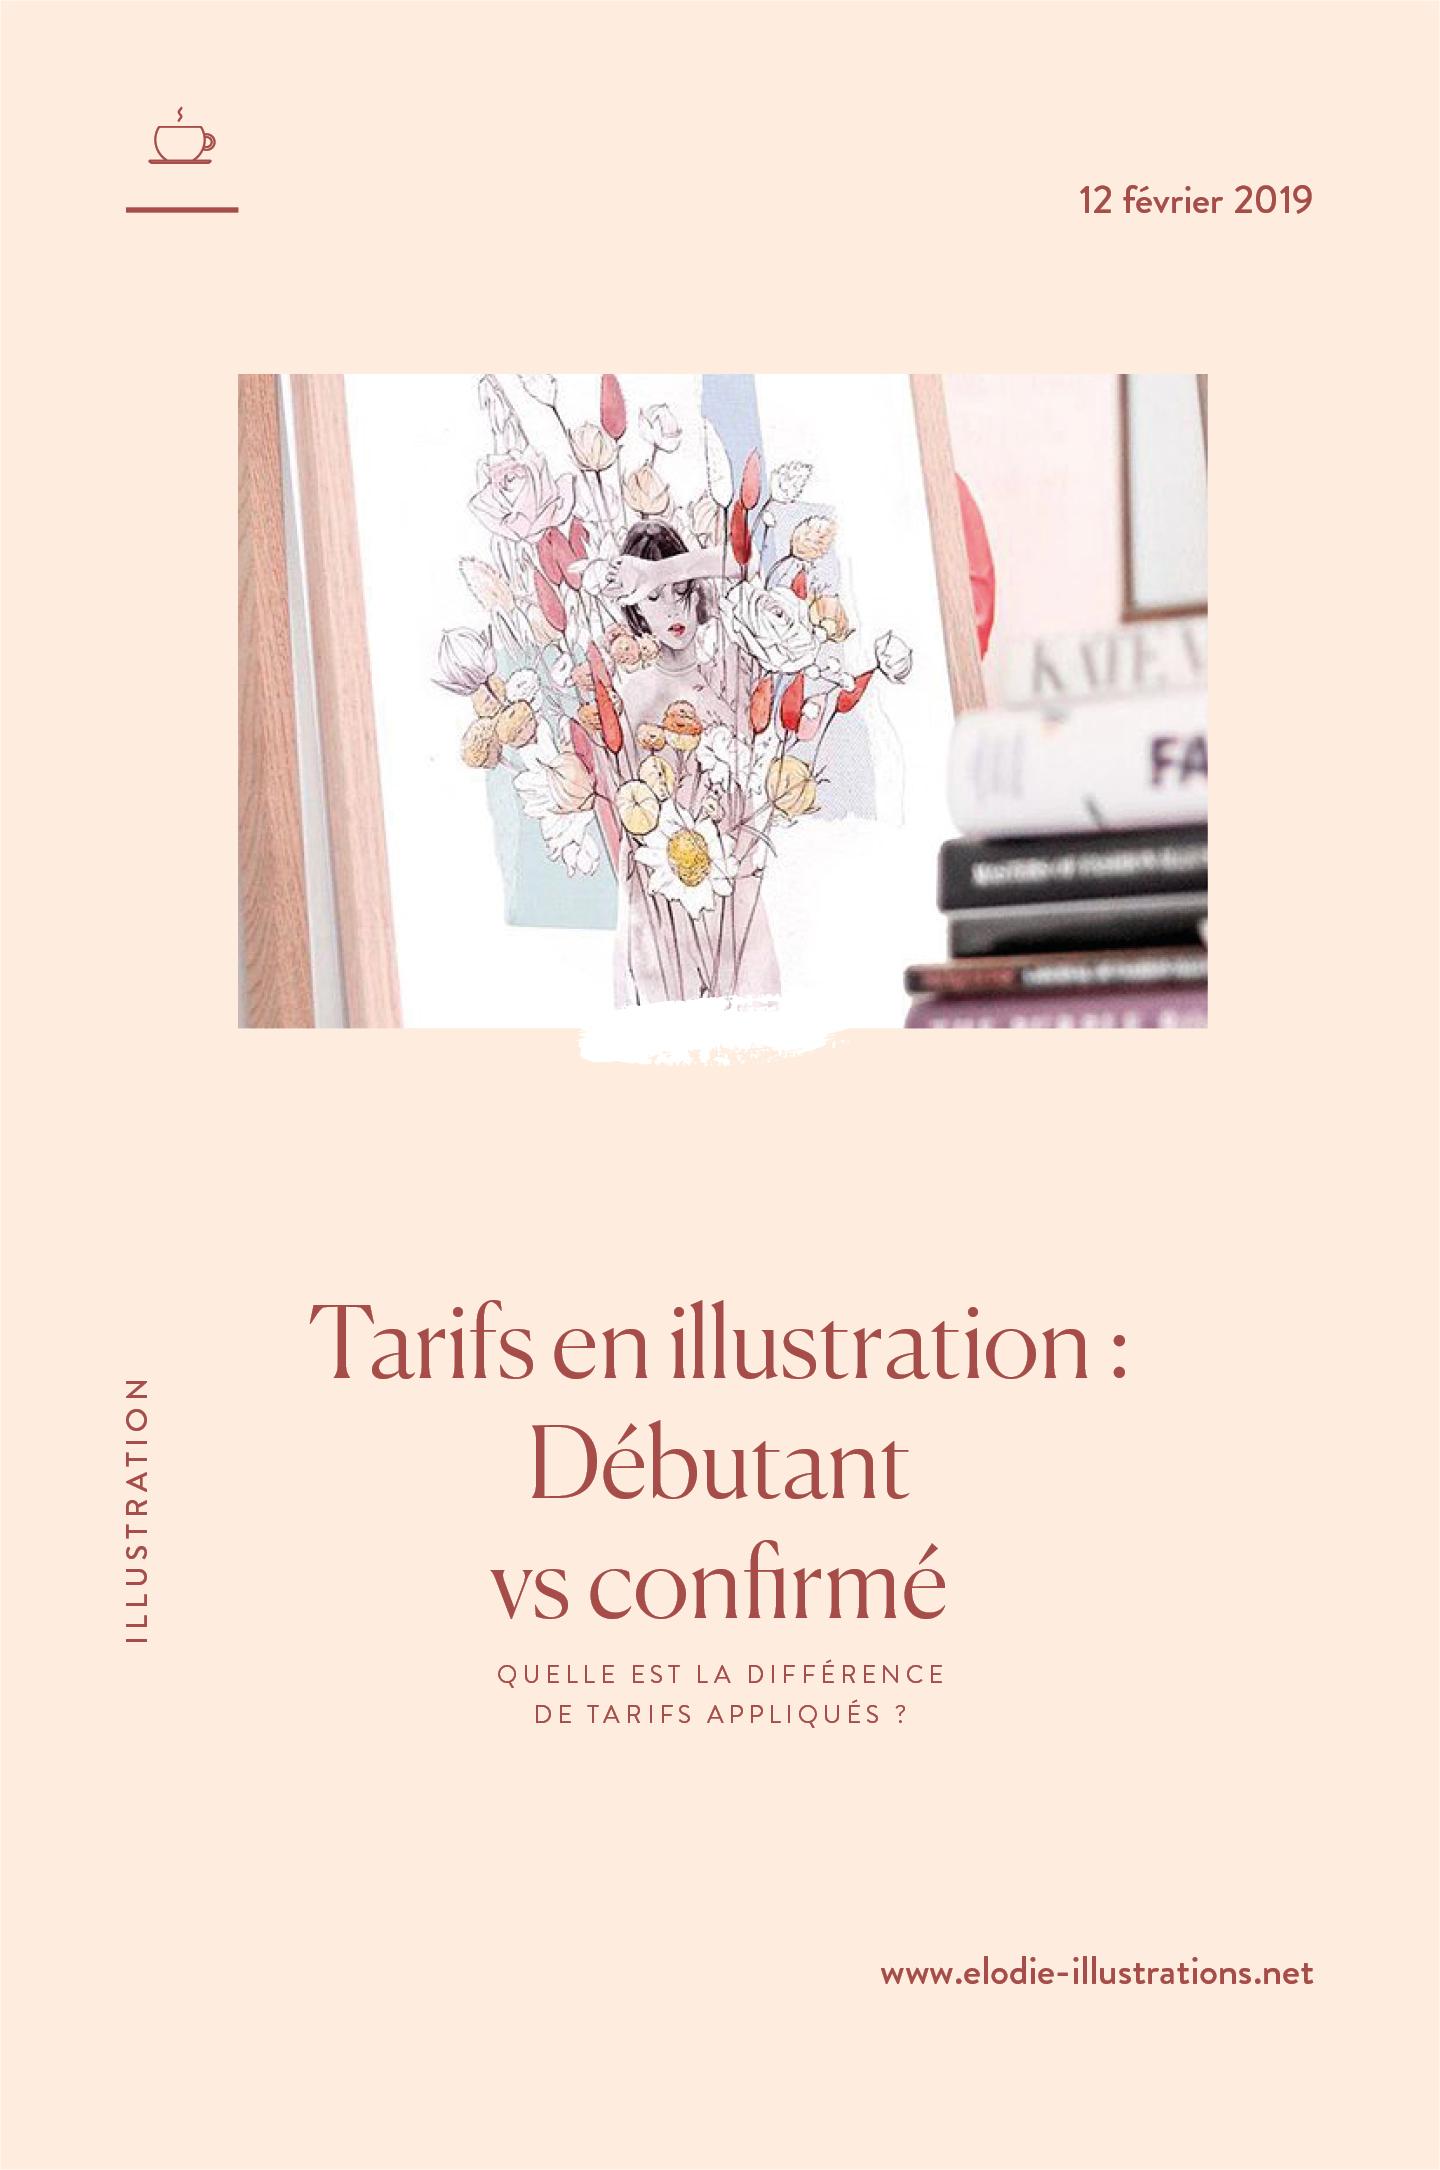 Tarif illustrateur : Quelle différence de tarifs appliqués entre illustrateurs débutants et confirmés ? | Cliquez pour découvrir l'article | Cliquez pour découvrir l'article